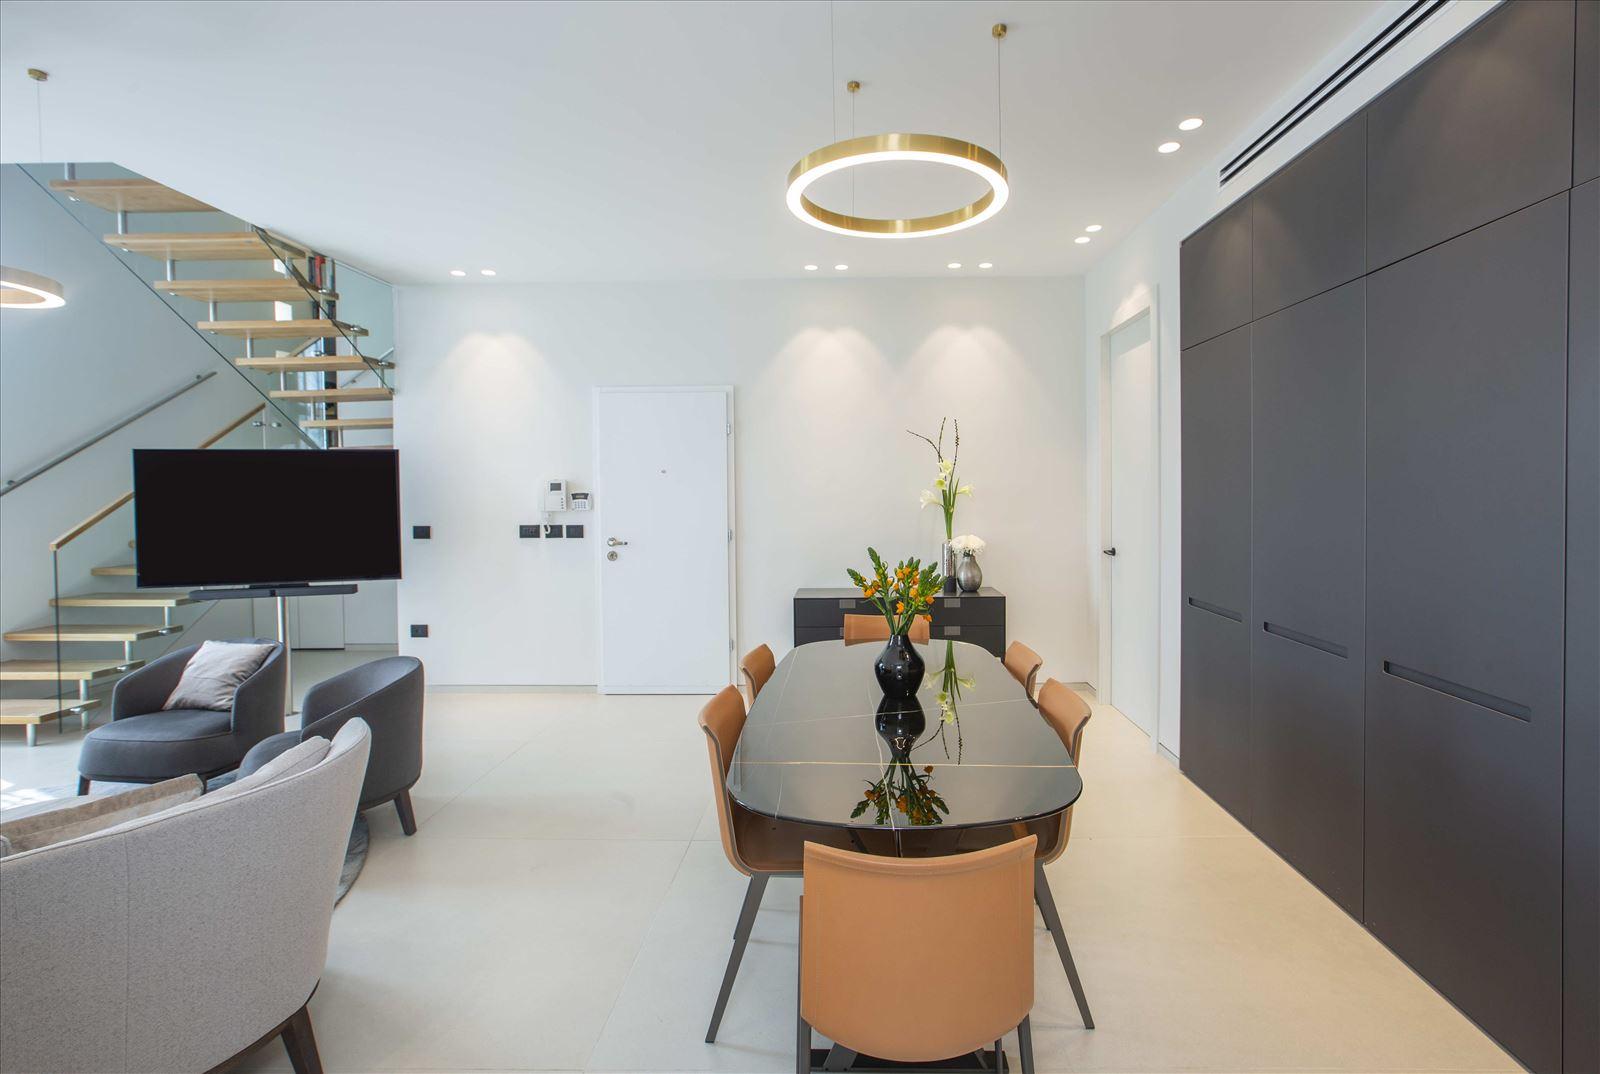 טיפים לתכנון תאורה לבית חדש